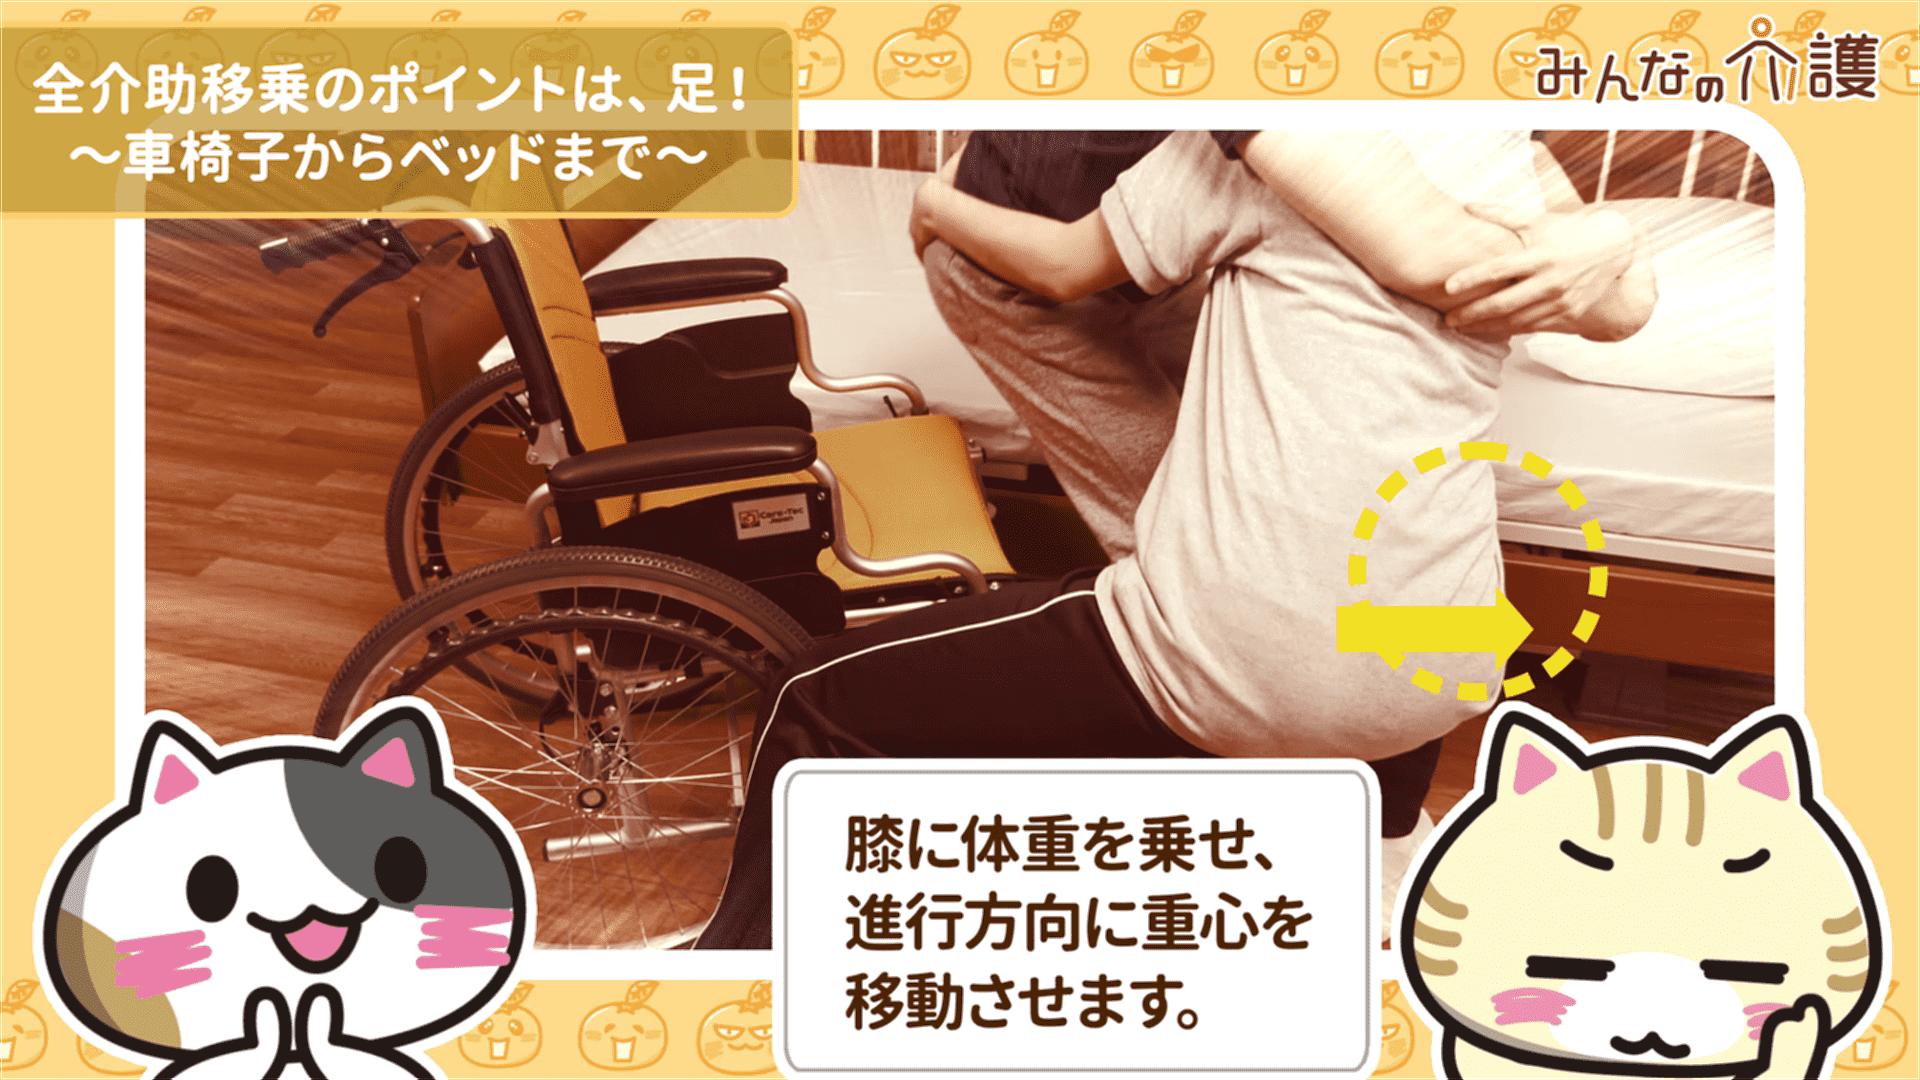 膝に体重を乗せて重心を移動させるイメージ